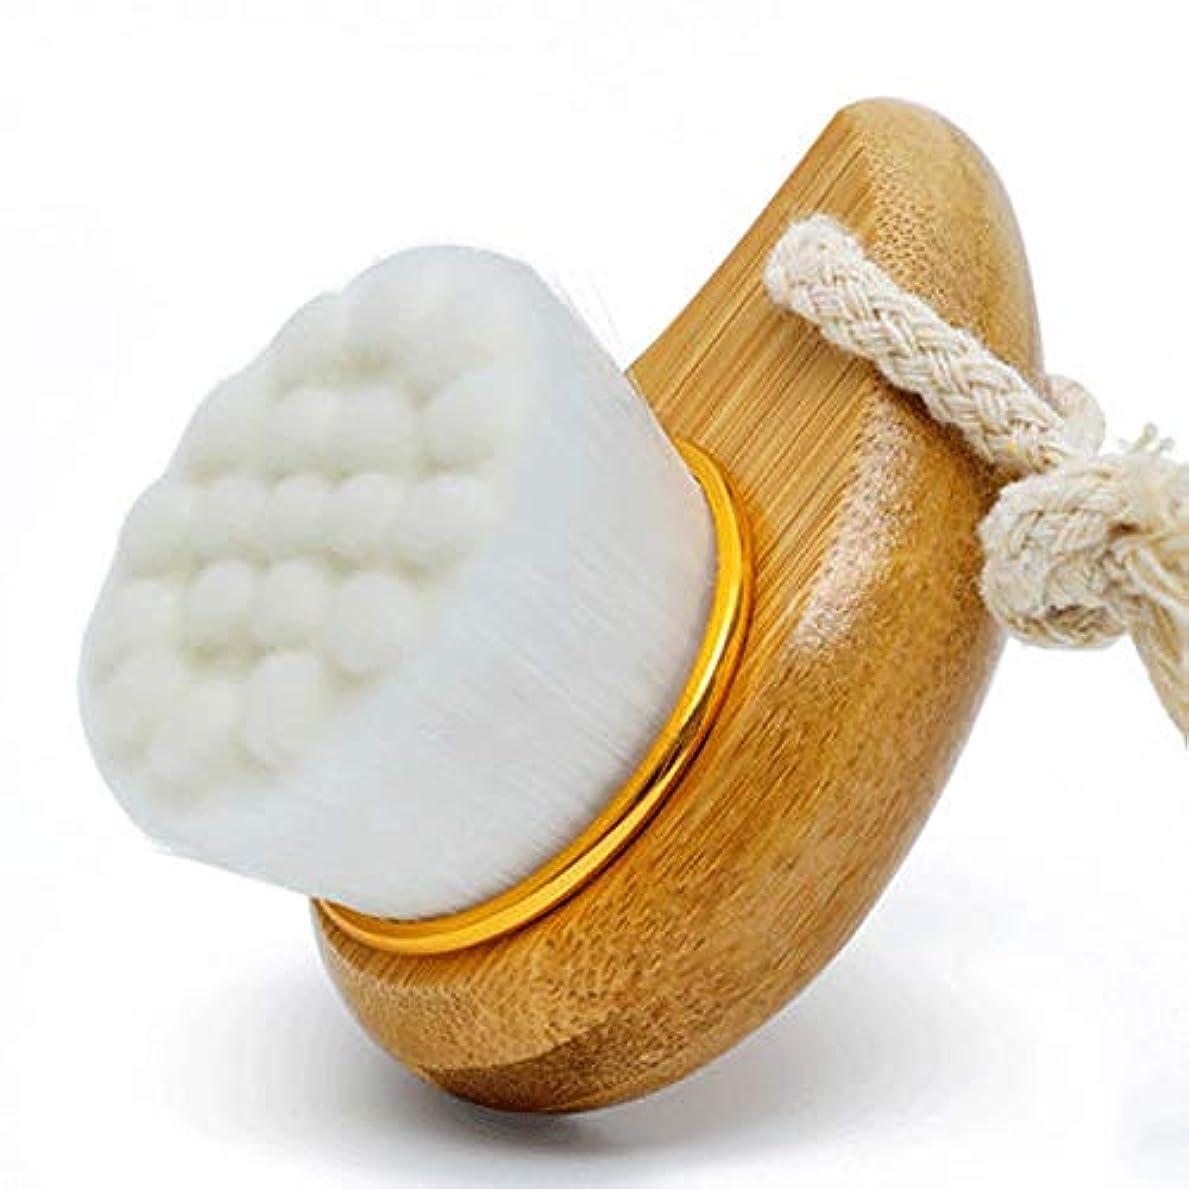 冷ややかな土砂漠HEHUIHUI- クレンジングブラシ、防水ディープクレンジングポア、電気剥離、にきび、アンチエイジングクレンジングブラシ(ホワイト) (Color : White)